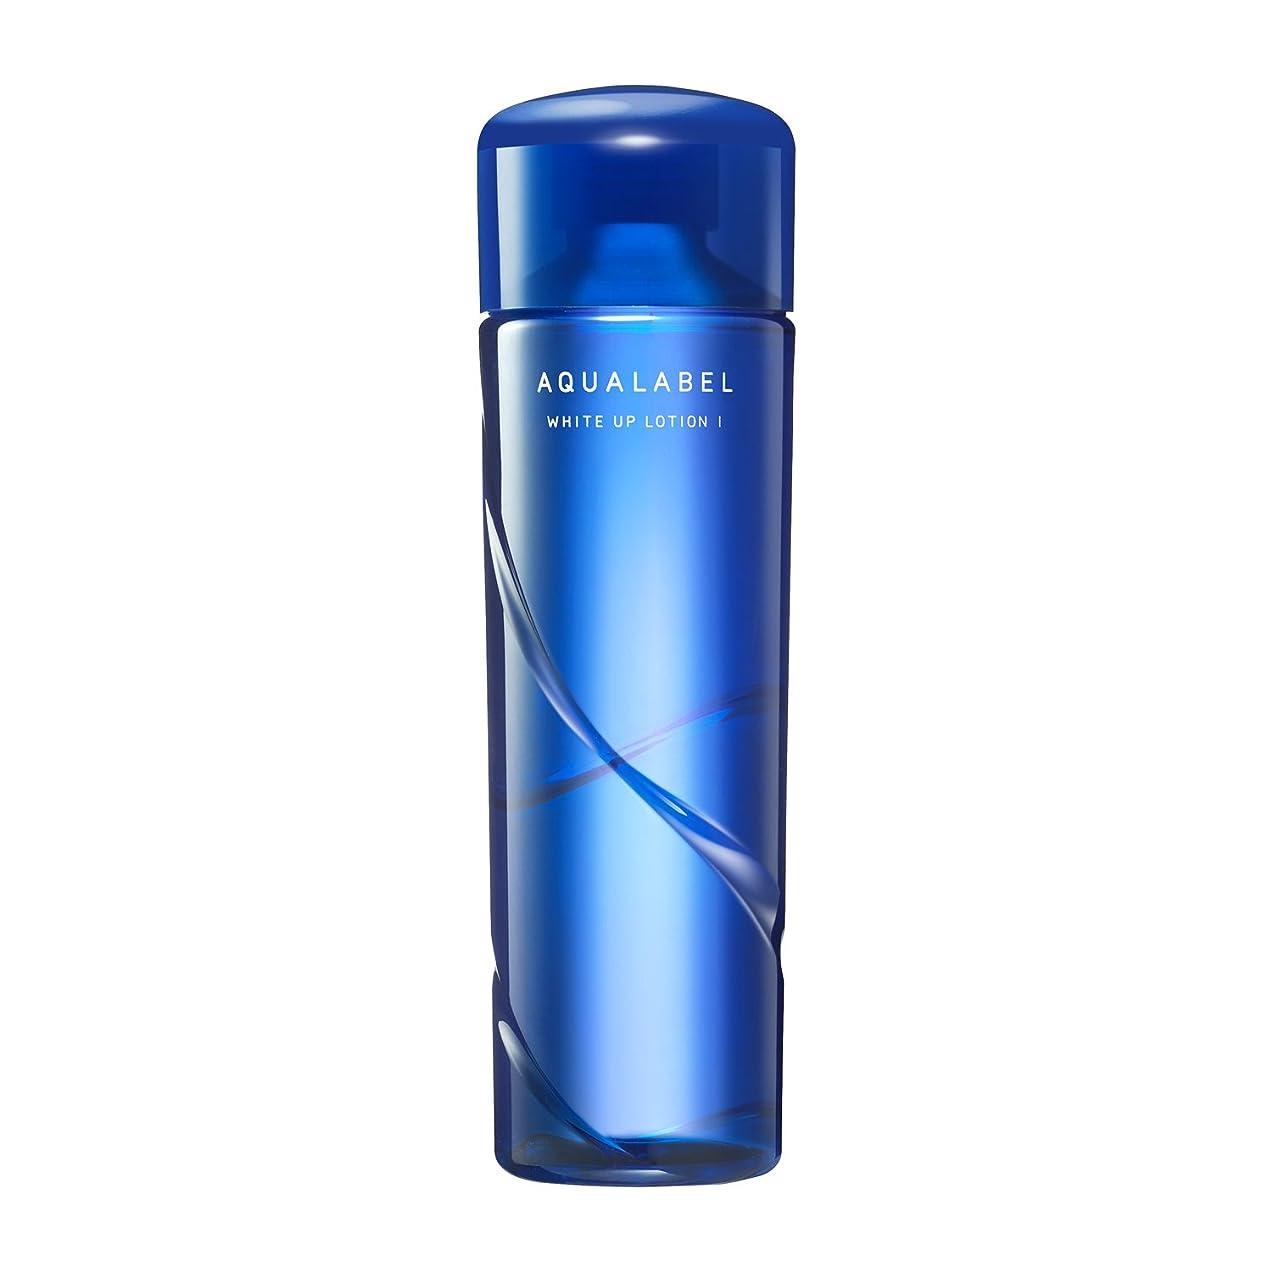 不安定便宜振りかけるアクアレーベル ホワイトアップ ローション 保湿?美白化粧水 (1) さっぱり 200mL 【医薬部外品】